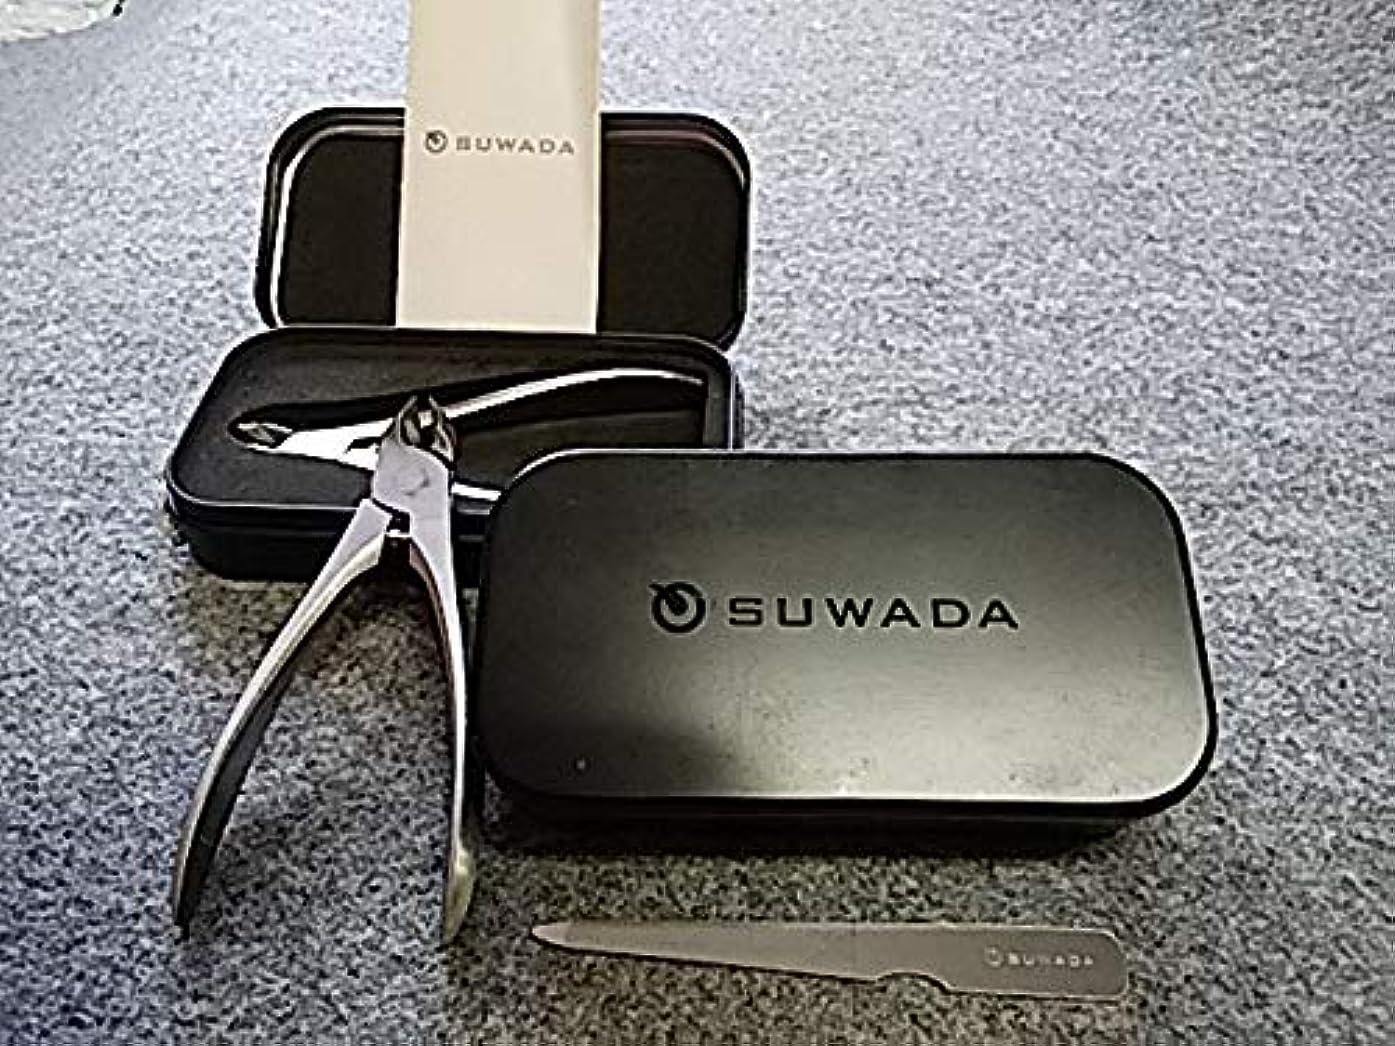 メディアコンクリート悪意のあるSUWADA スワダ 爪切りクラシックL&クラシック足用&suwada爪ヤスリ 3点セット